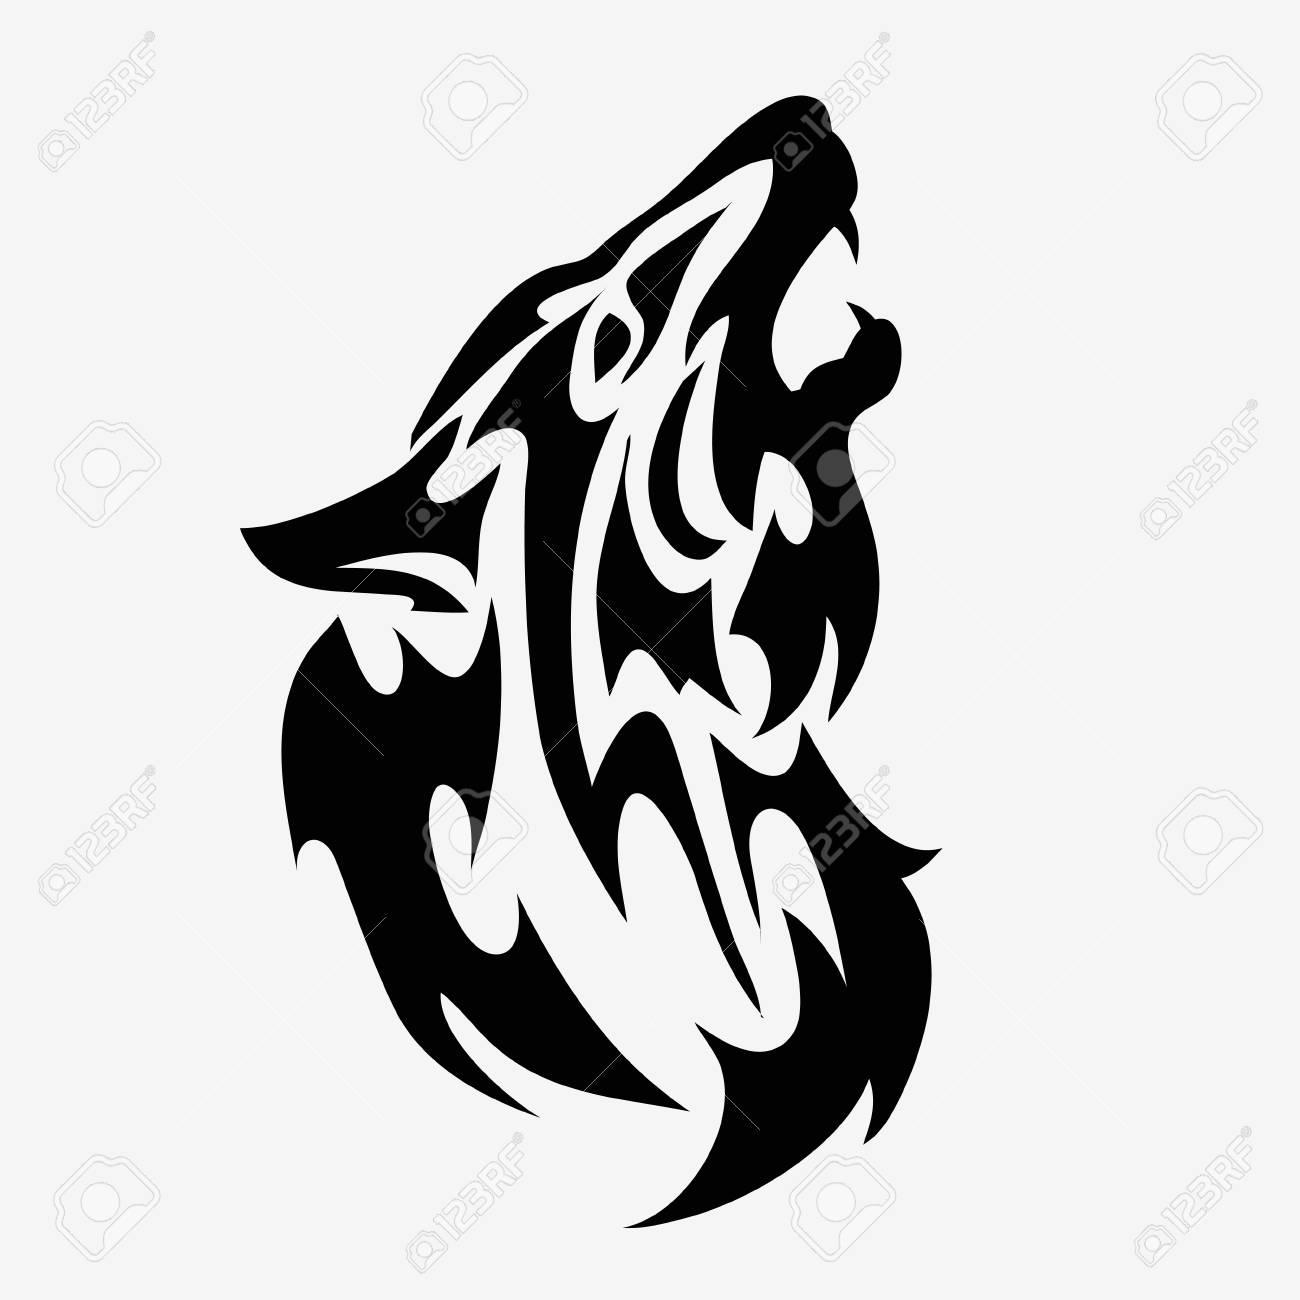 Tatuaje De Cabeza De Lobo Tribal Ilustración Abstracta De Vector